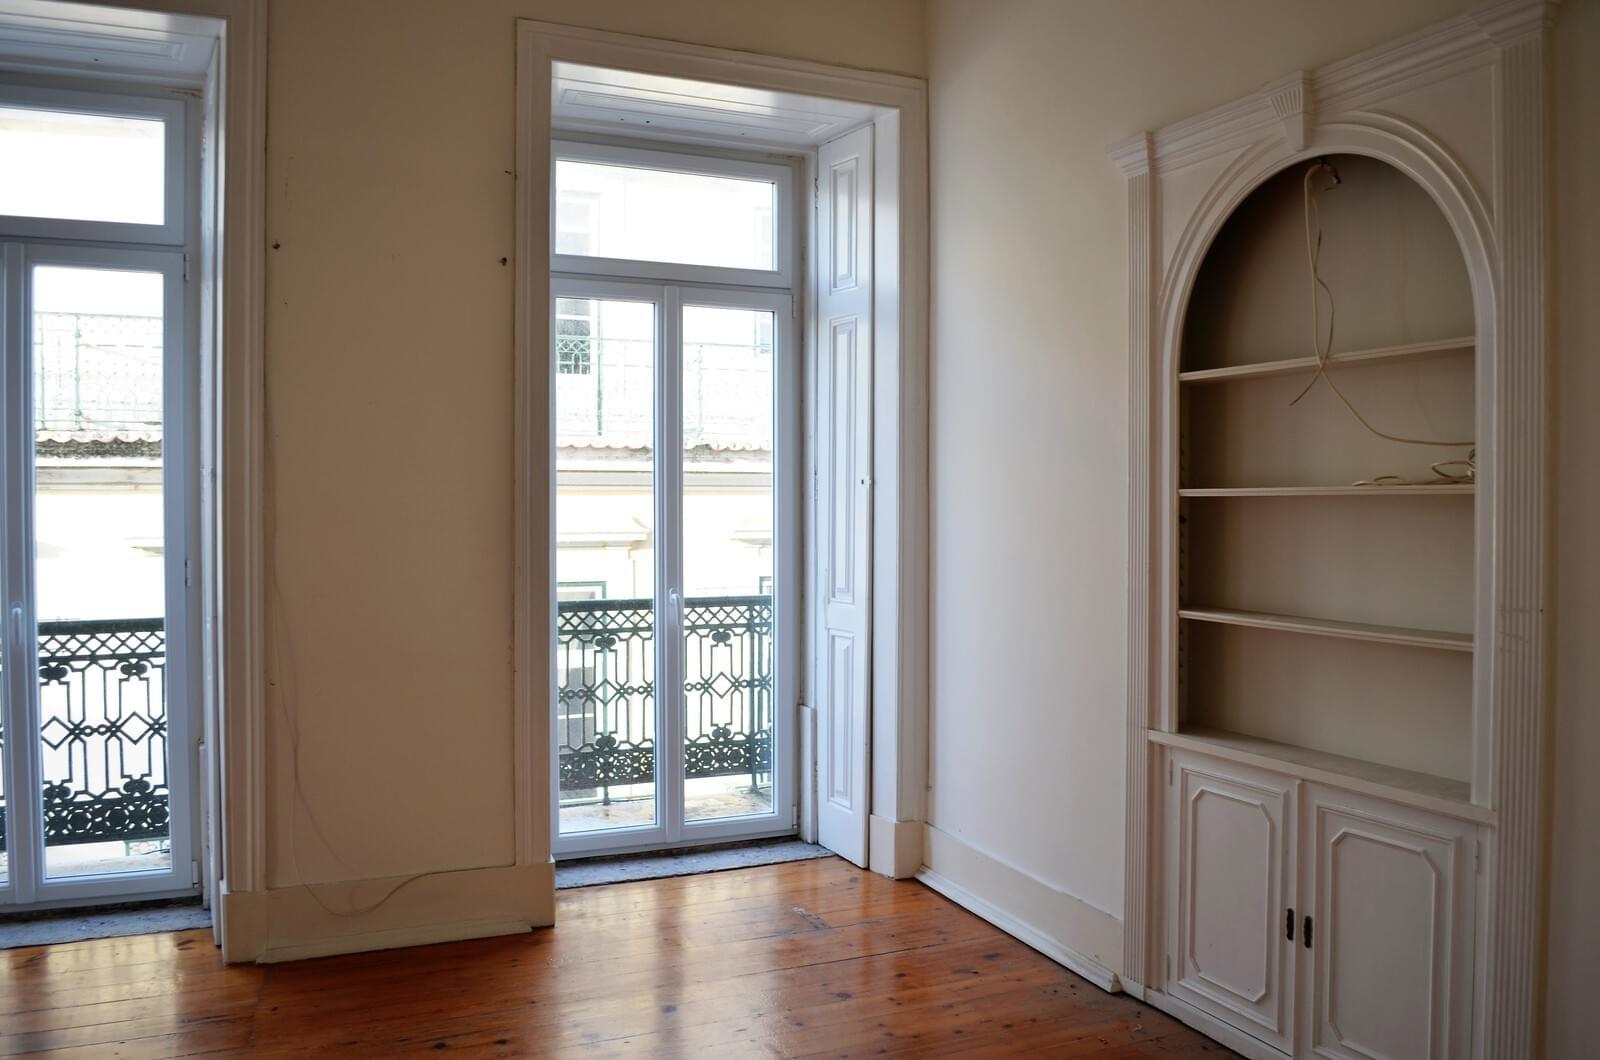 pf18621-apartamento-t4-lisboa-b57d2041-2228-4faa-8df0-1ee2f9dc46d8